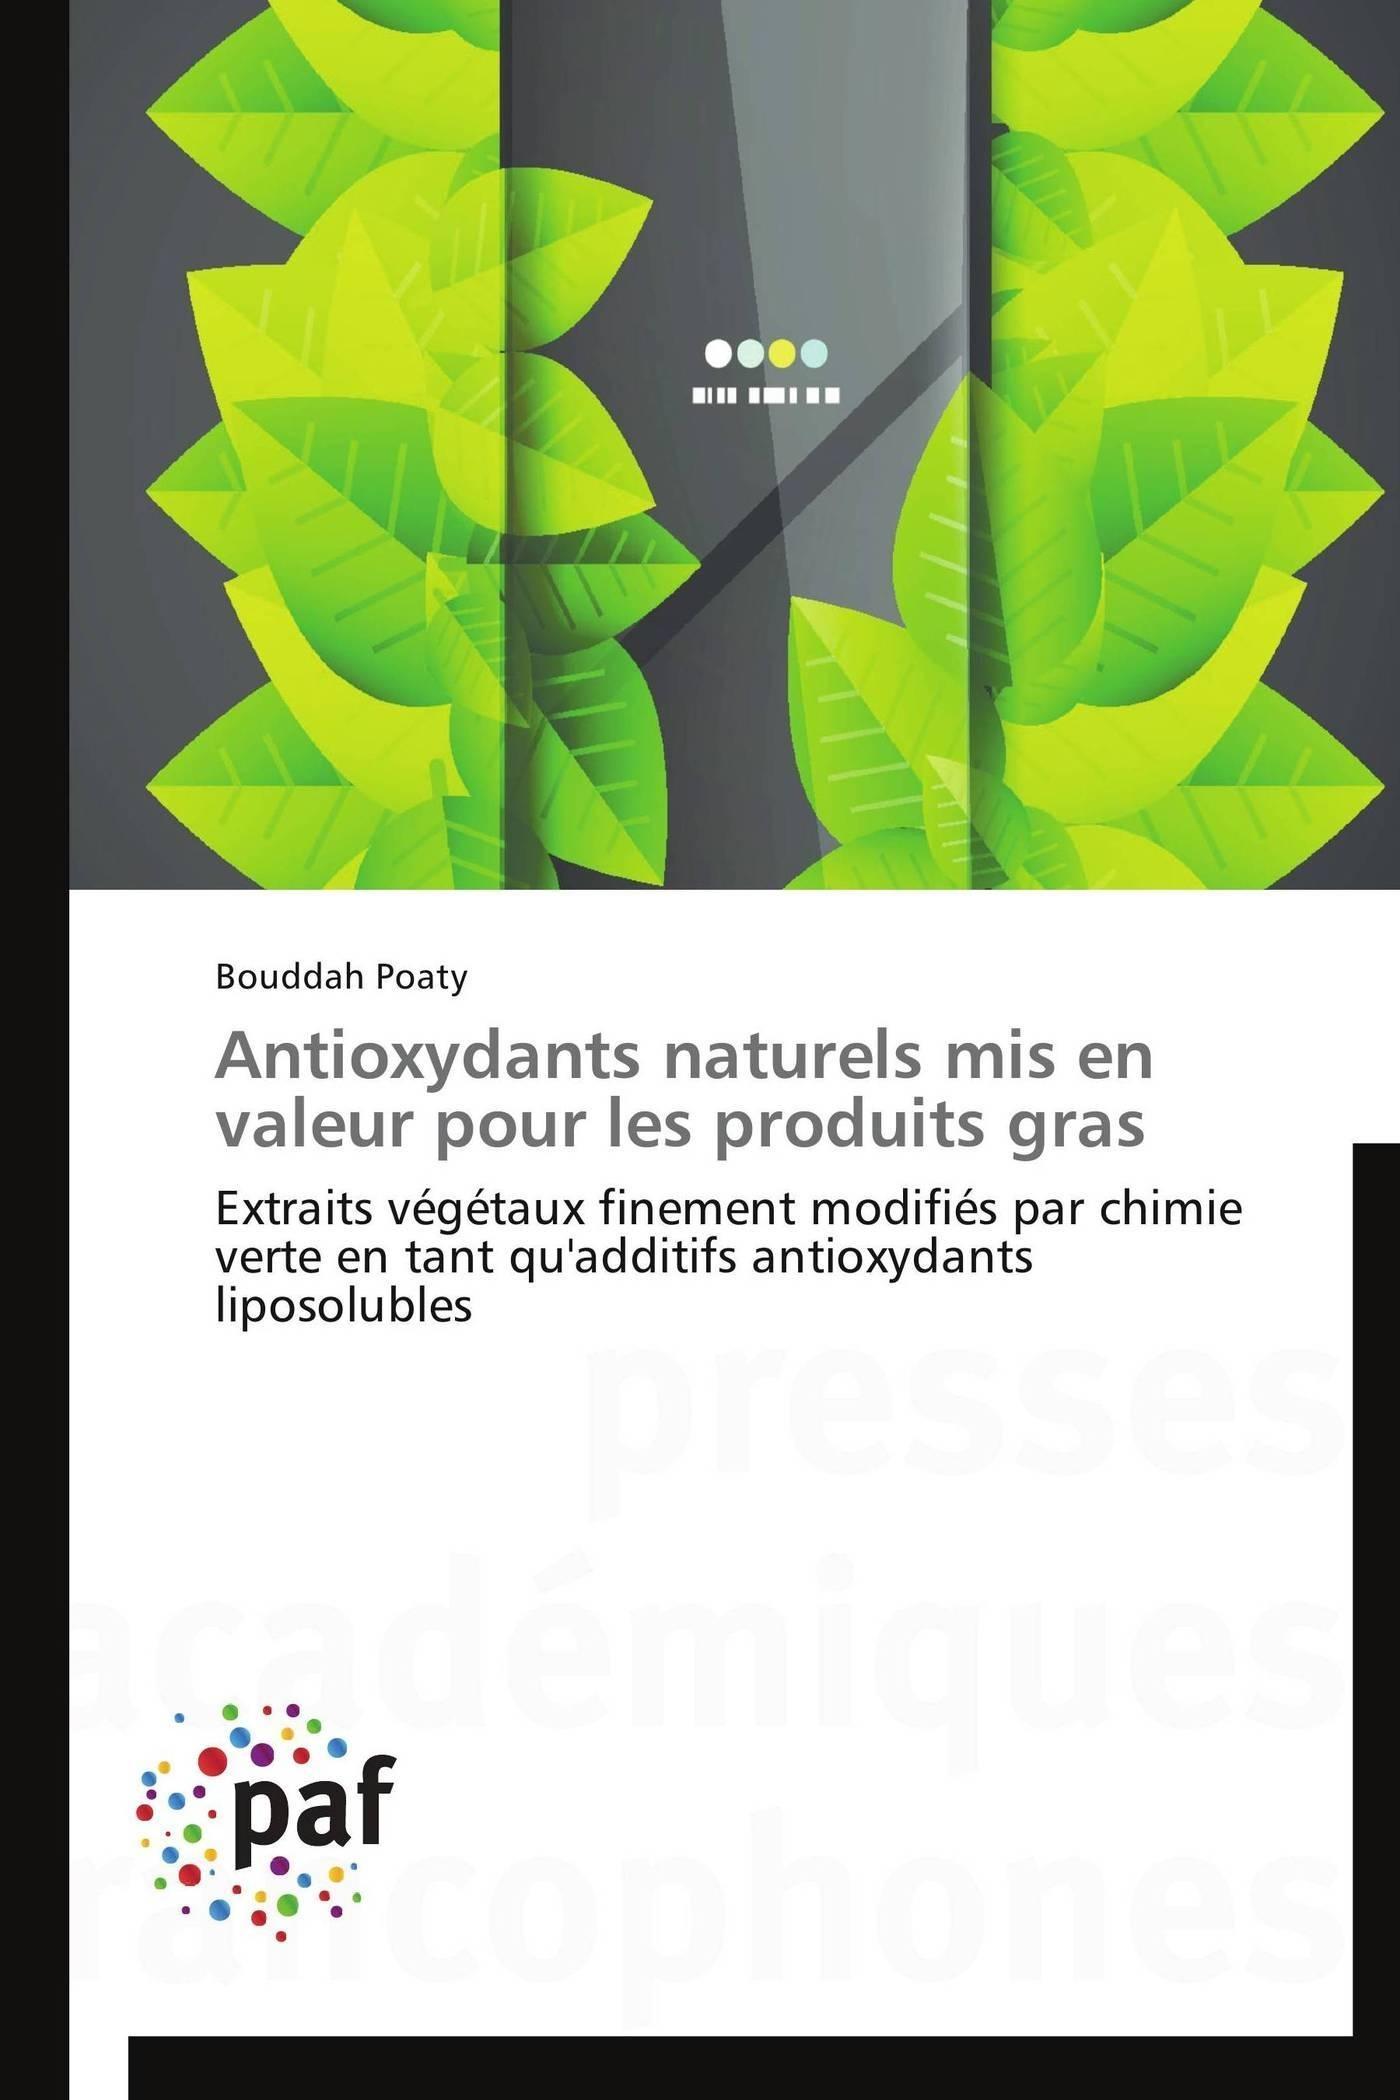 ANTIOXYDANTS NATURELS MIS EN VALEUR POUR LES PRODUITS GRAS